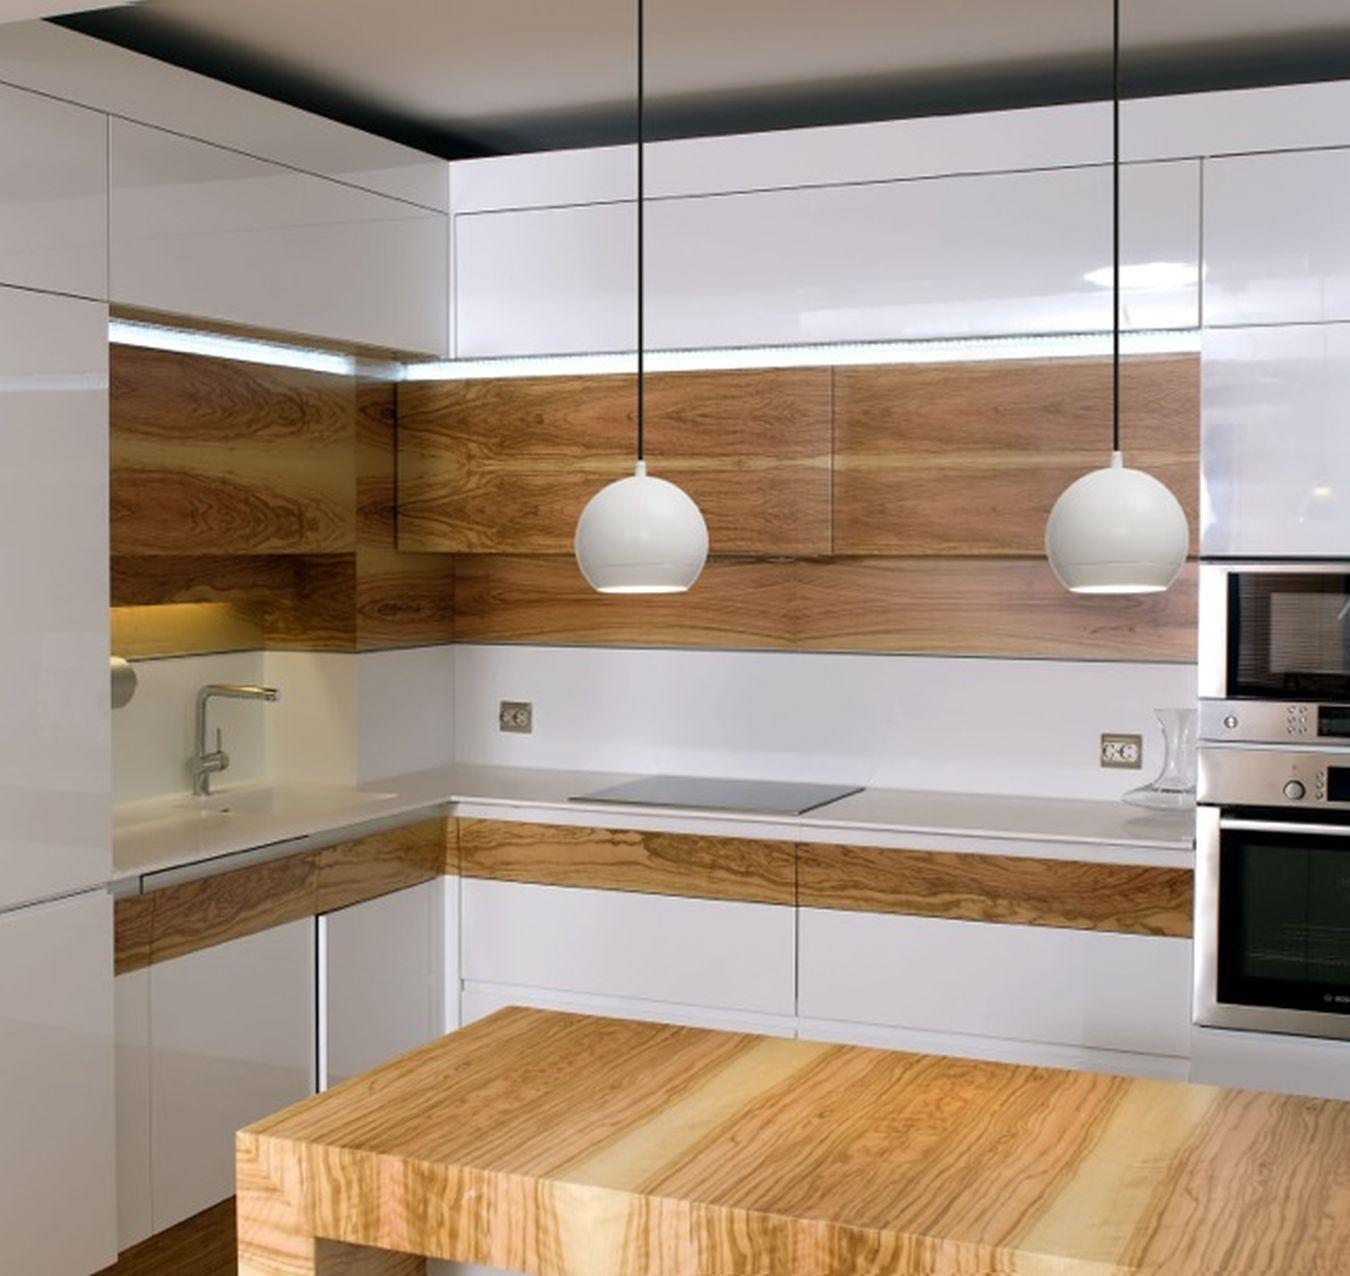 Lamparas De Techo Cocina | 63223 Ball 2 Lampara Techo Cocina Habitacion Blanca Decorativa